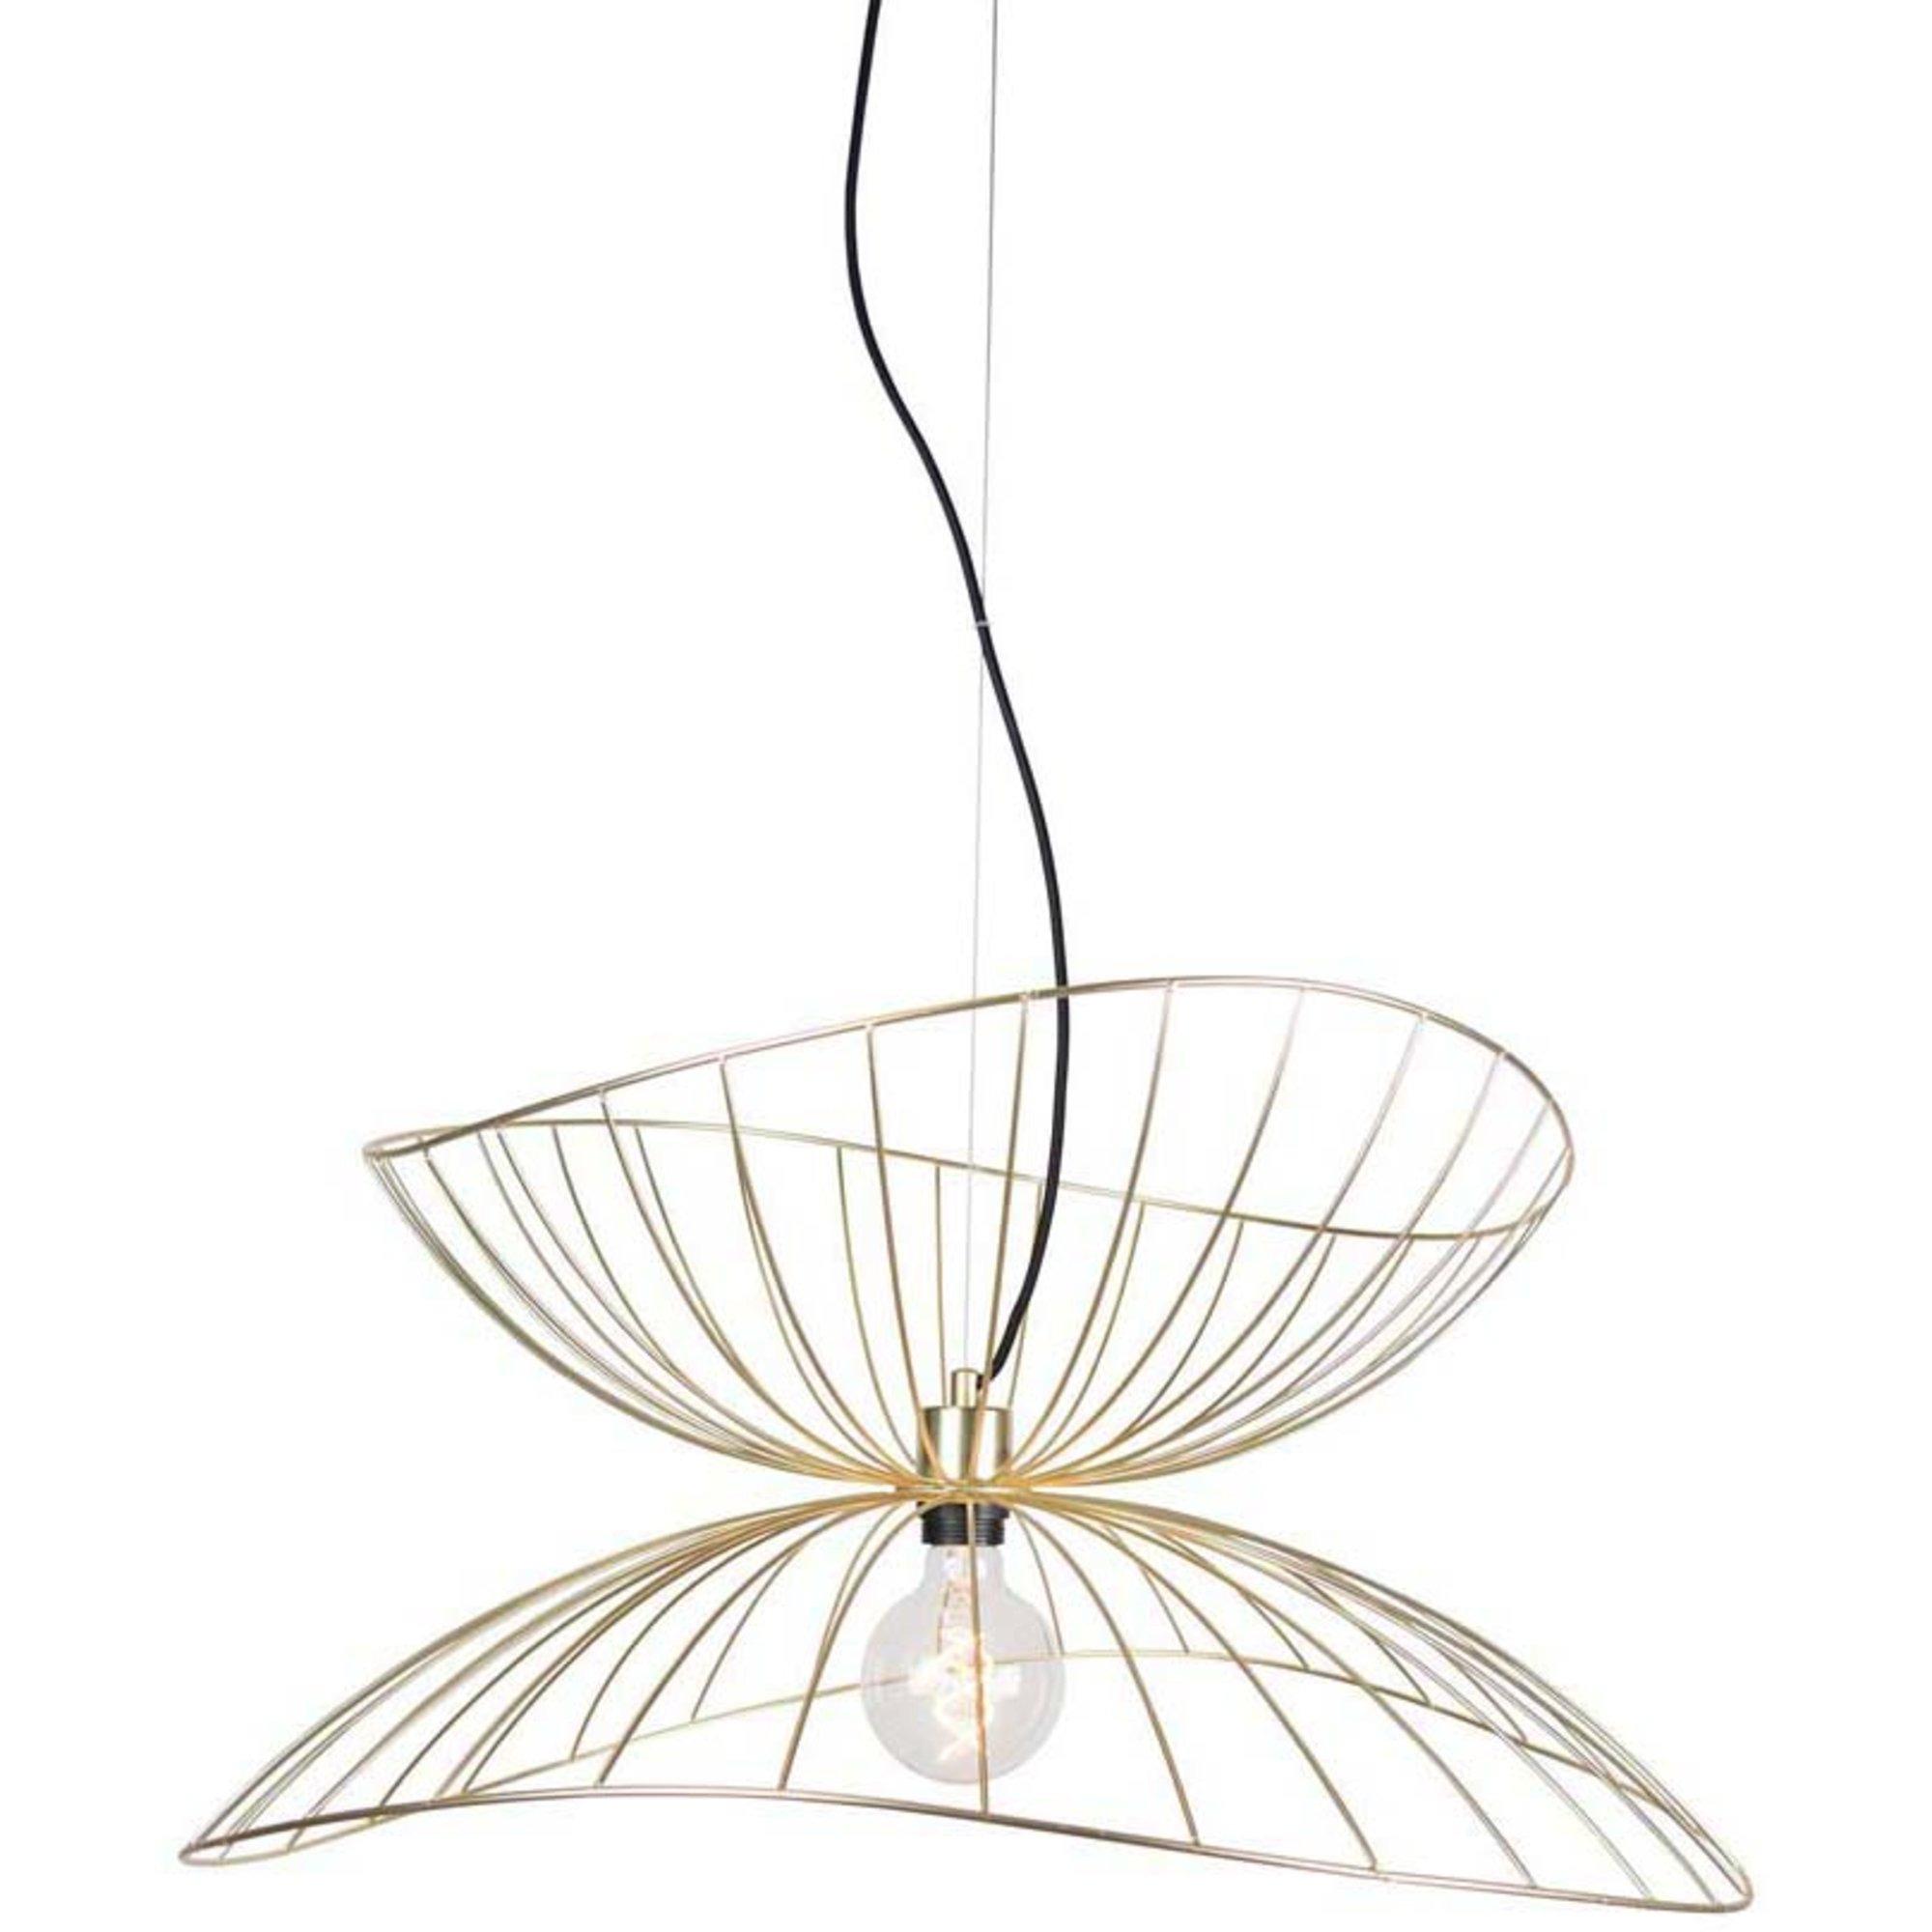 Globen Lighting Pendel Ray 70 Borstad Mässing